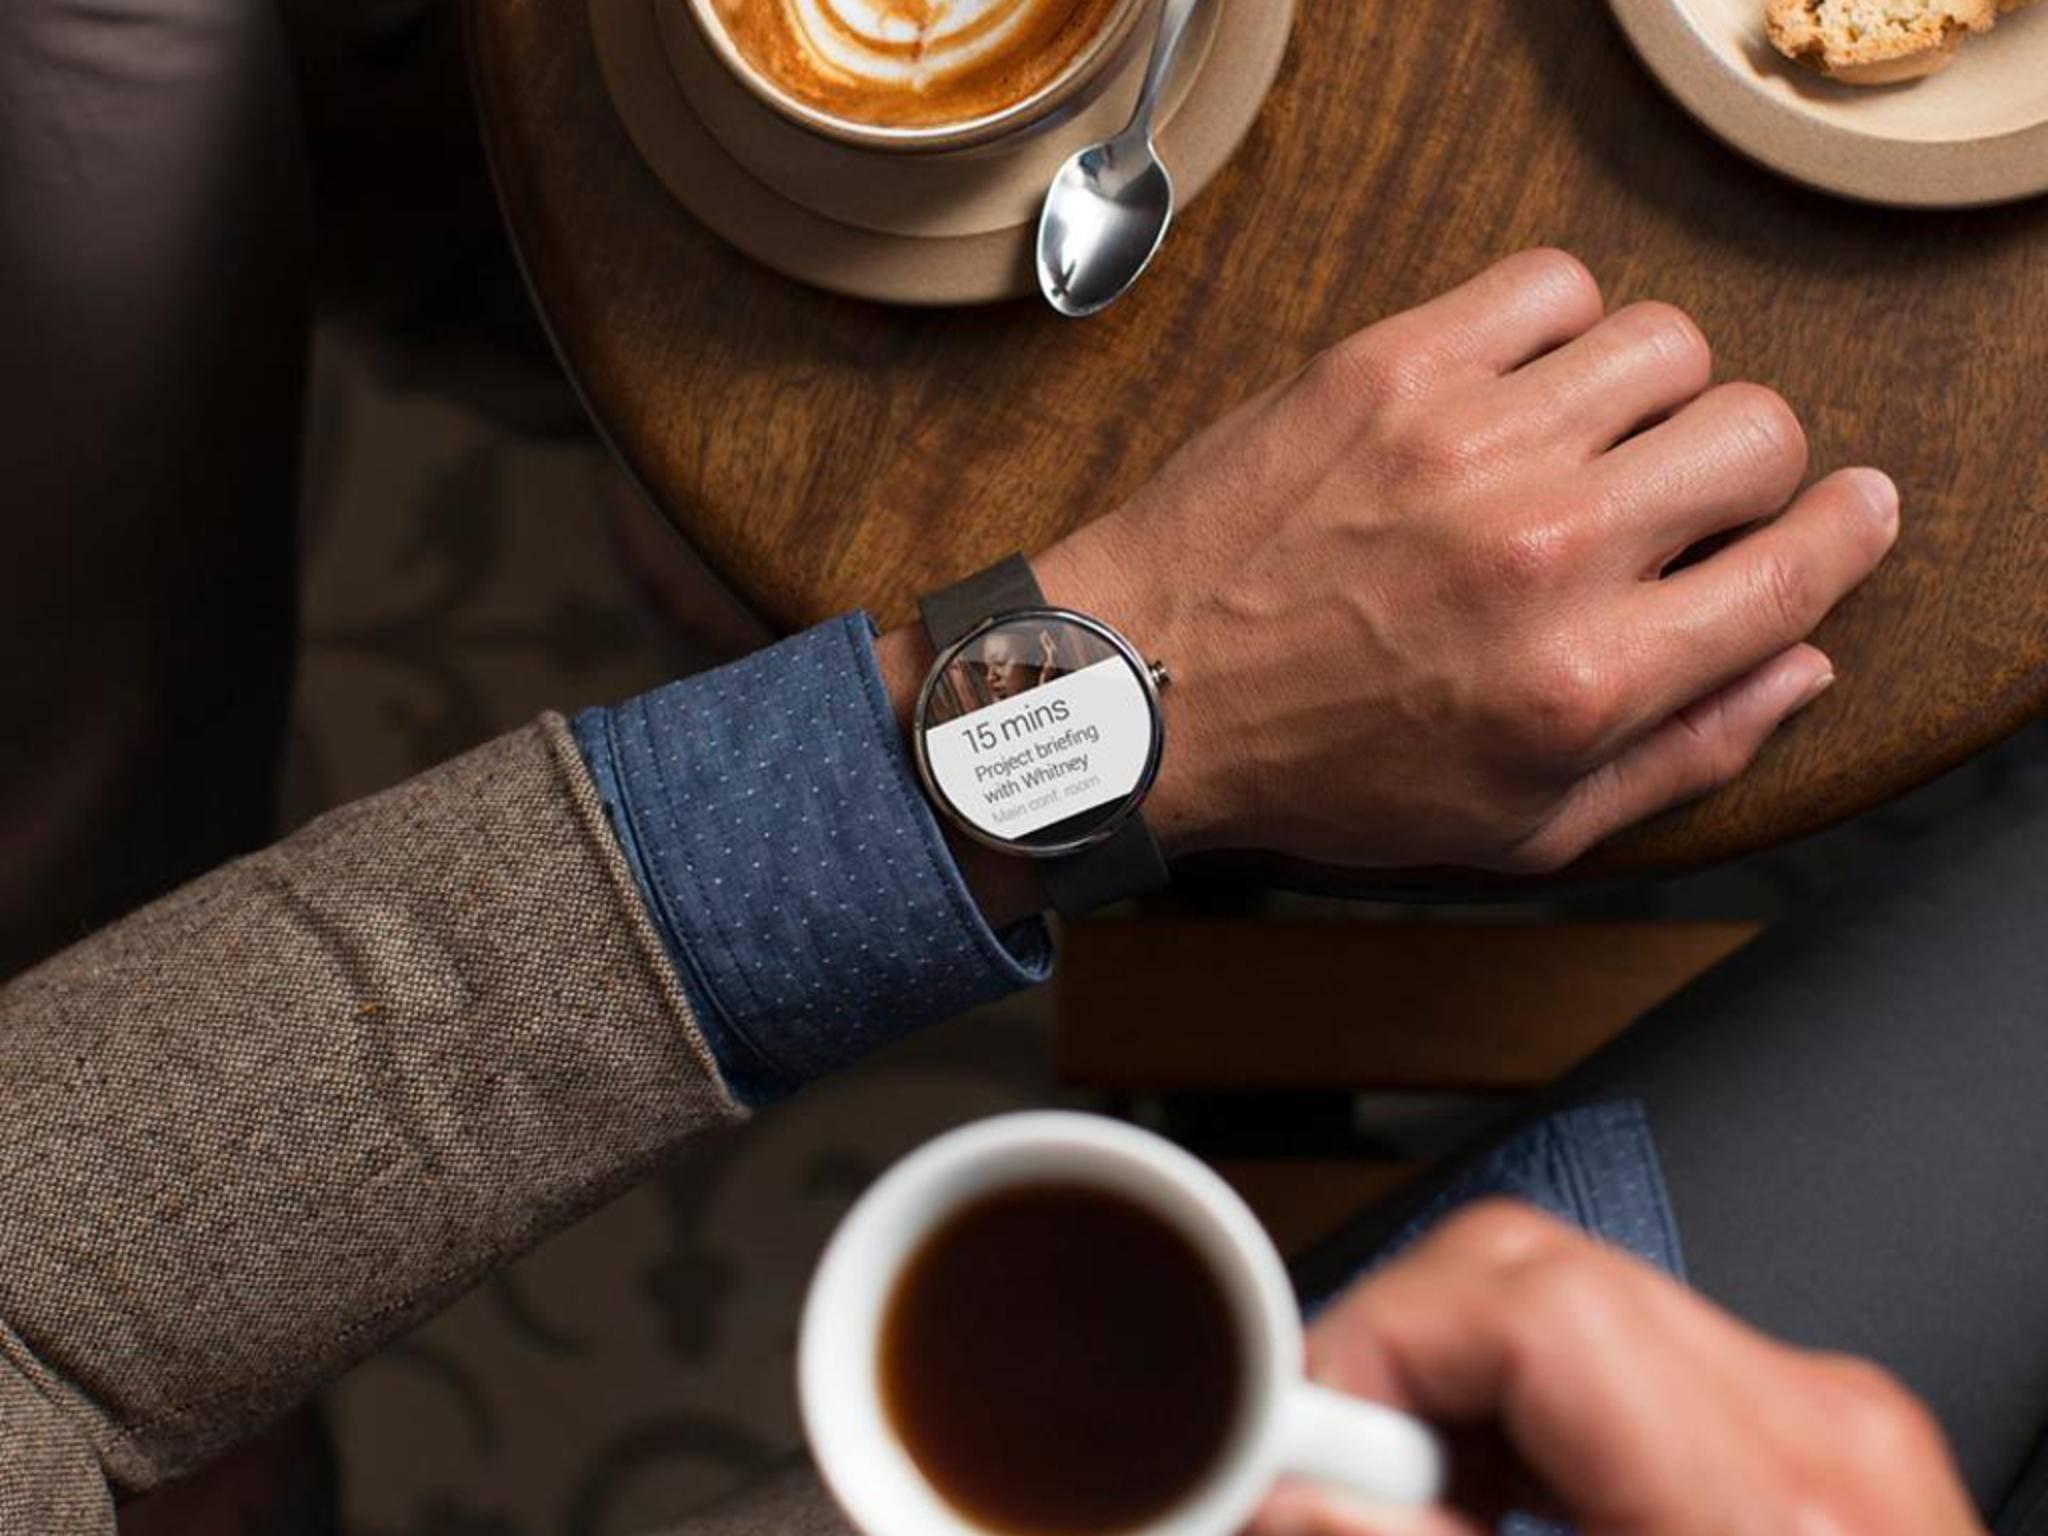 Die Motorola Moto 360 kann an Termine erinnern und Nachrichten anzeigen.